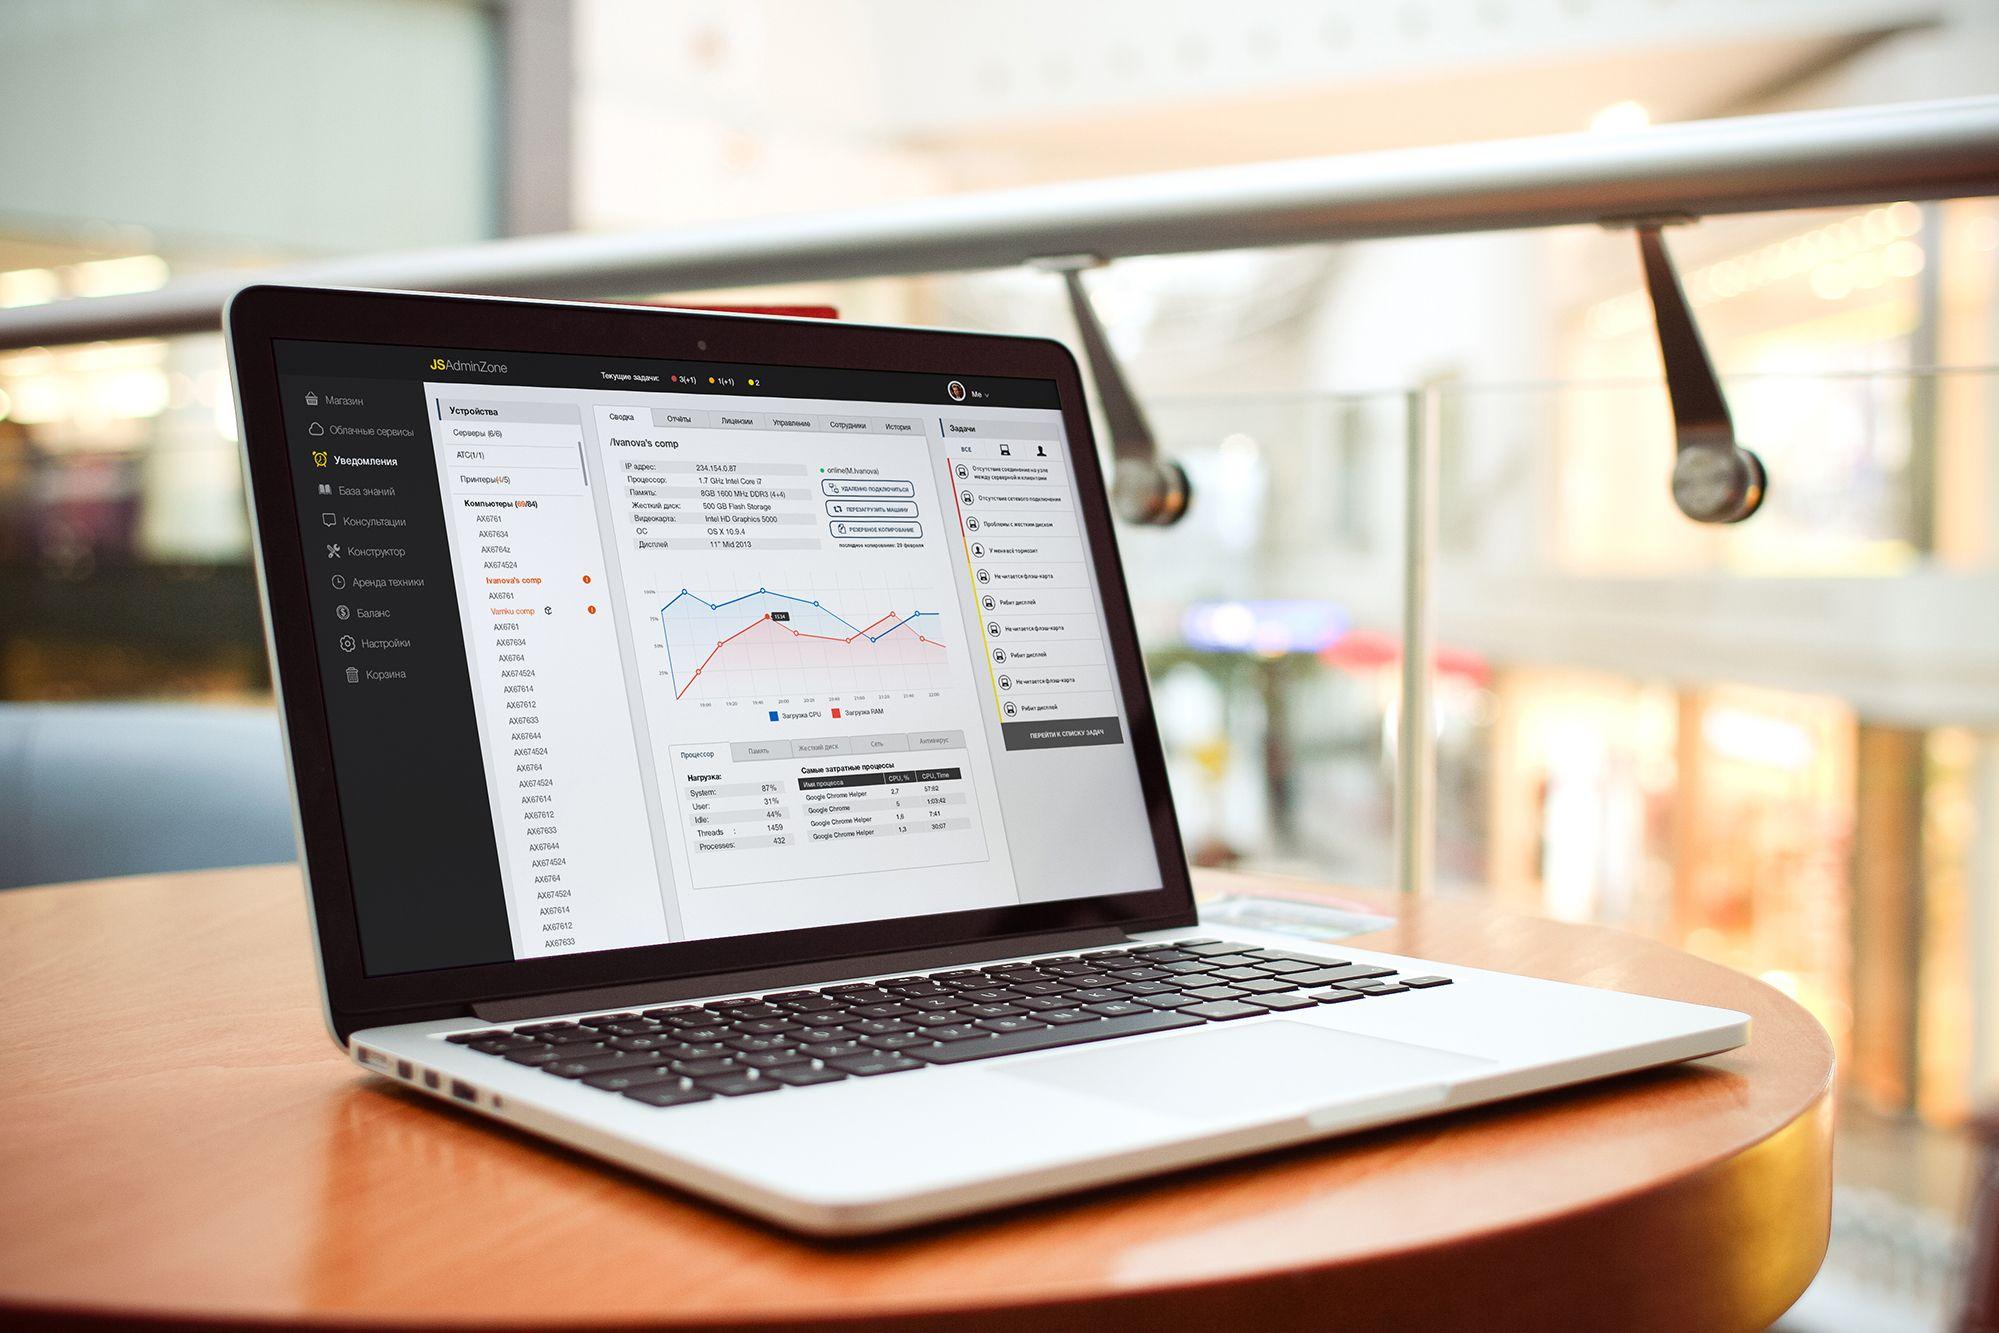 Дизайн интерфейса веб-сервиса - дизайнер screaminsky